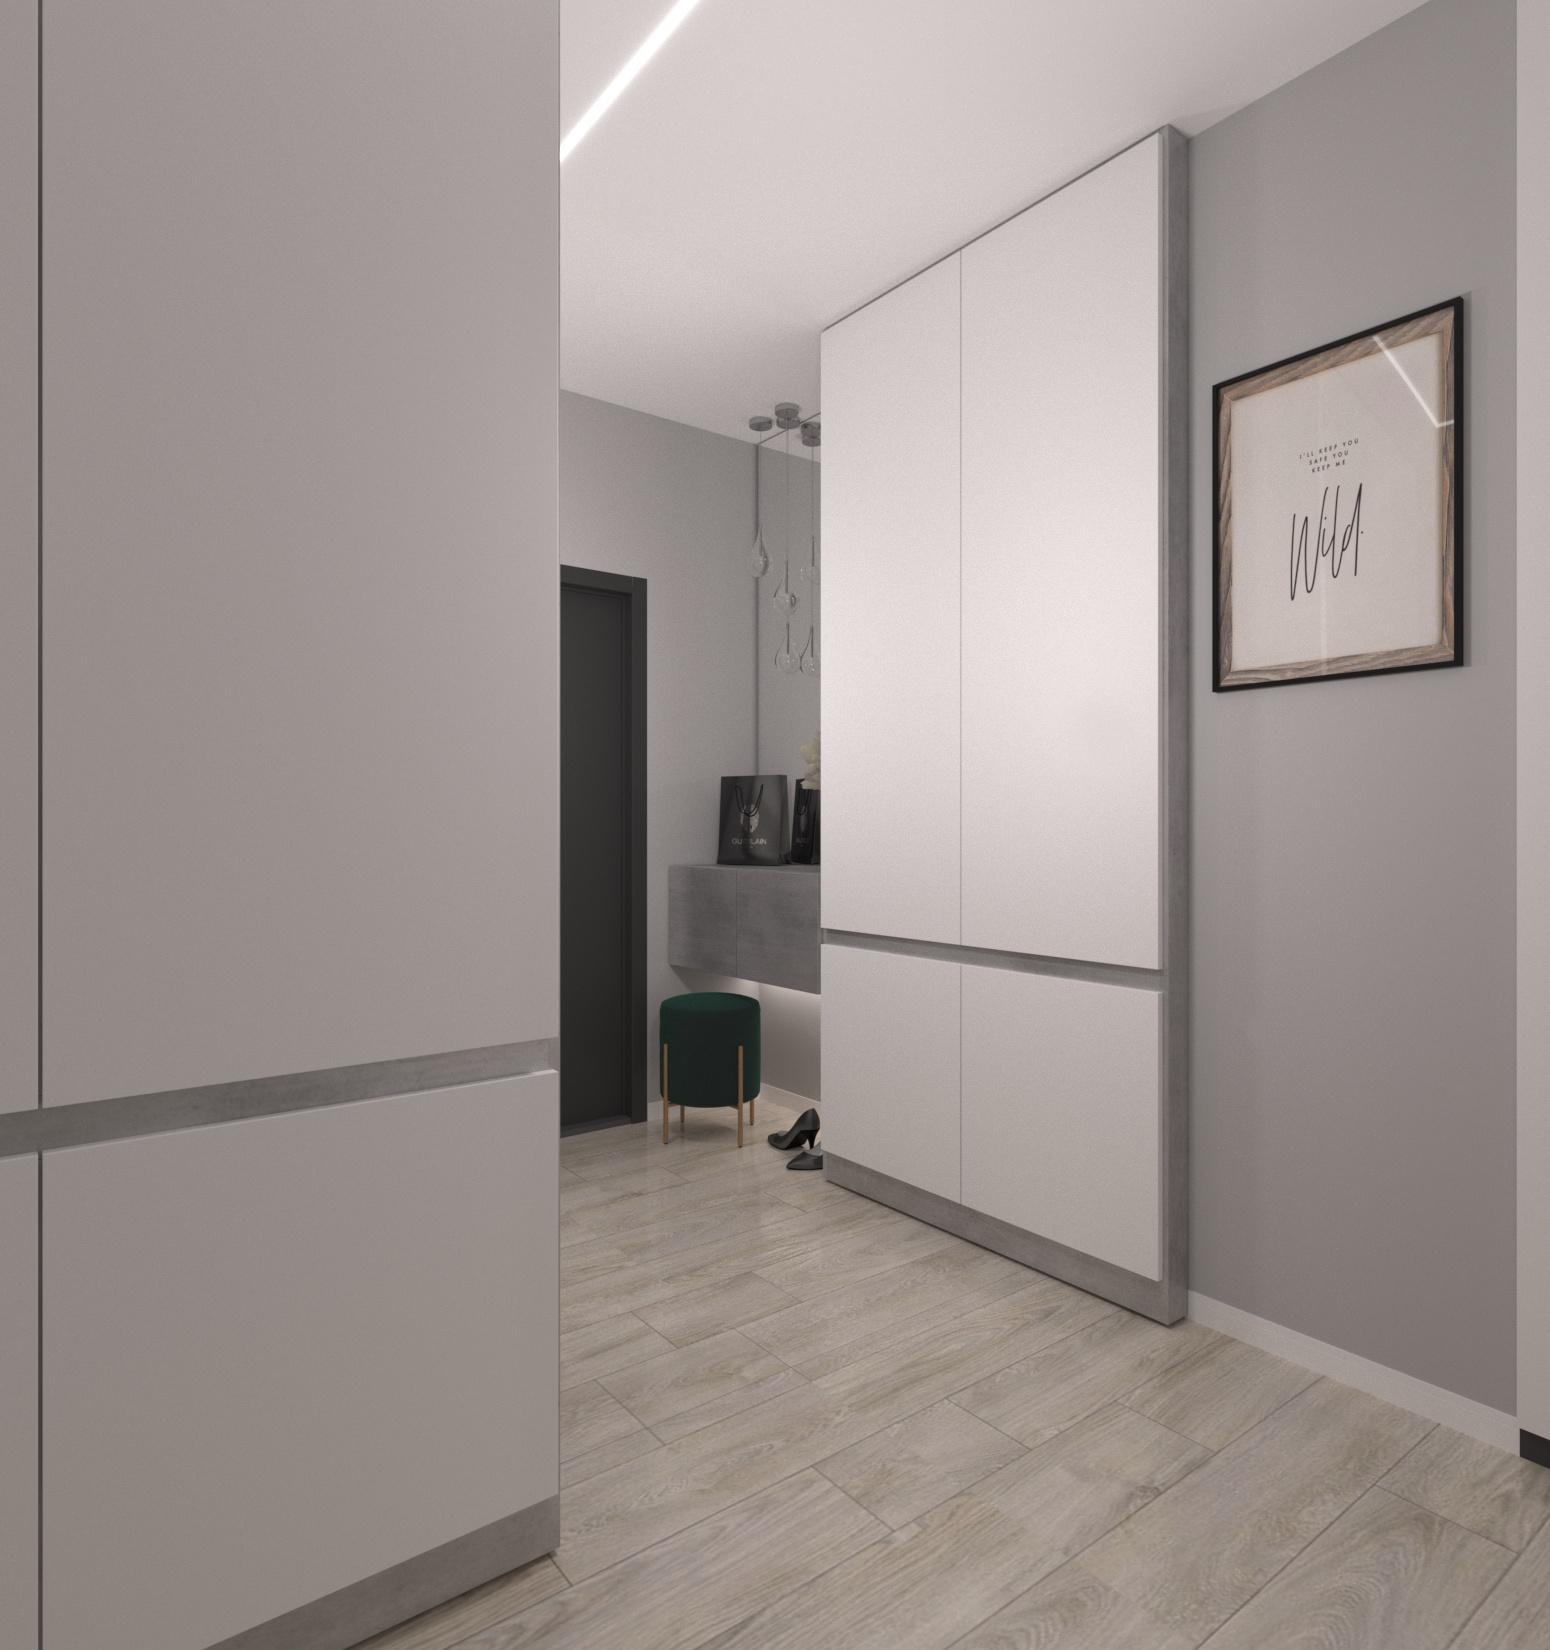 Проект квартири 47,5 кв.м по вул. Проскуровського Підпілля 165а - фото 12